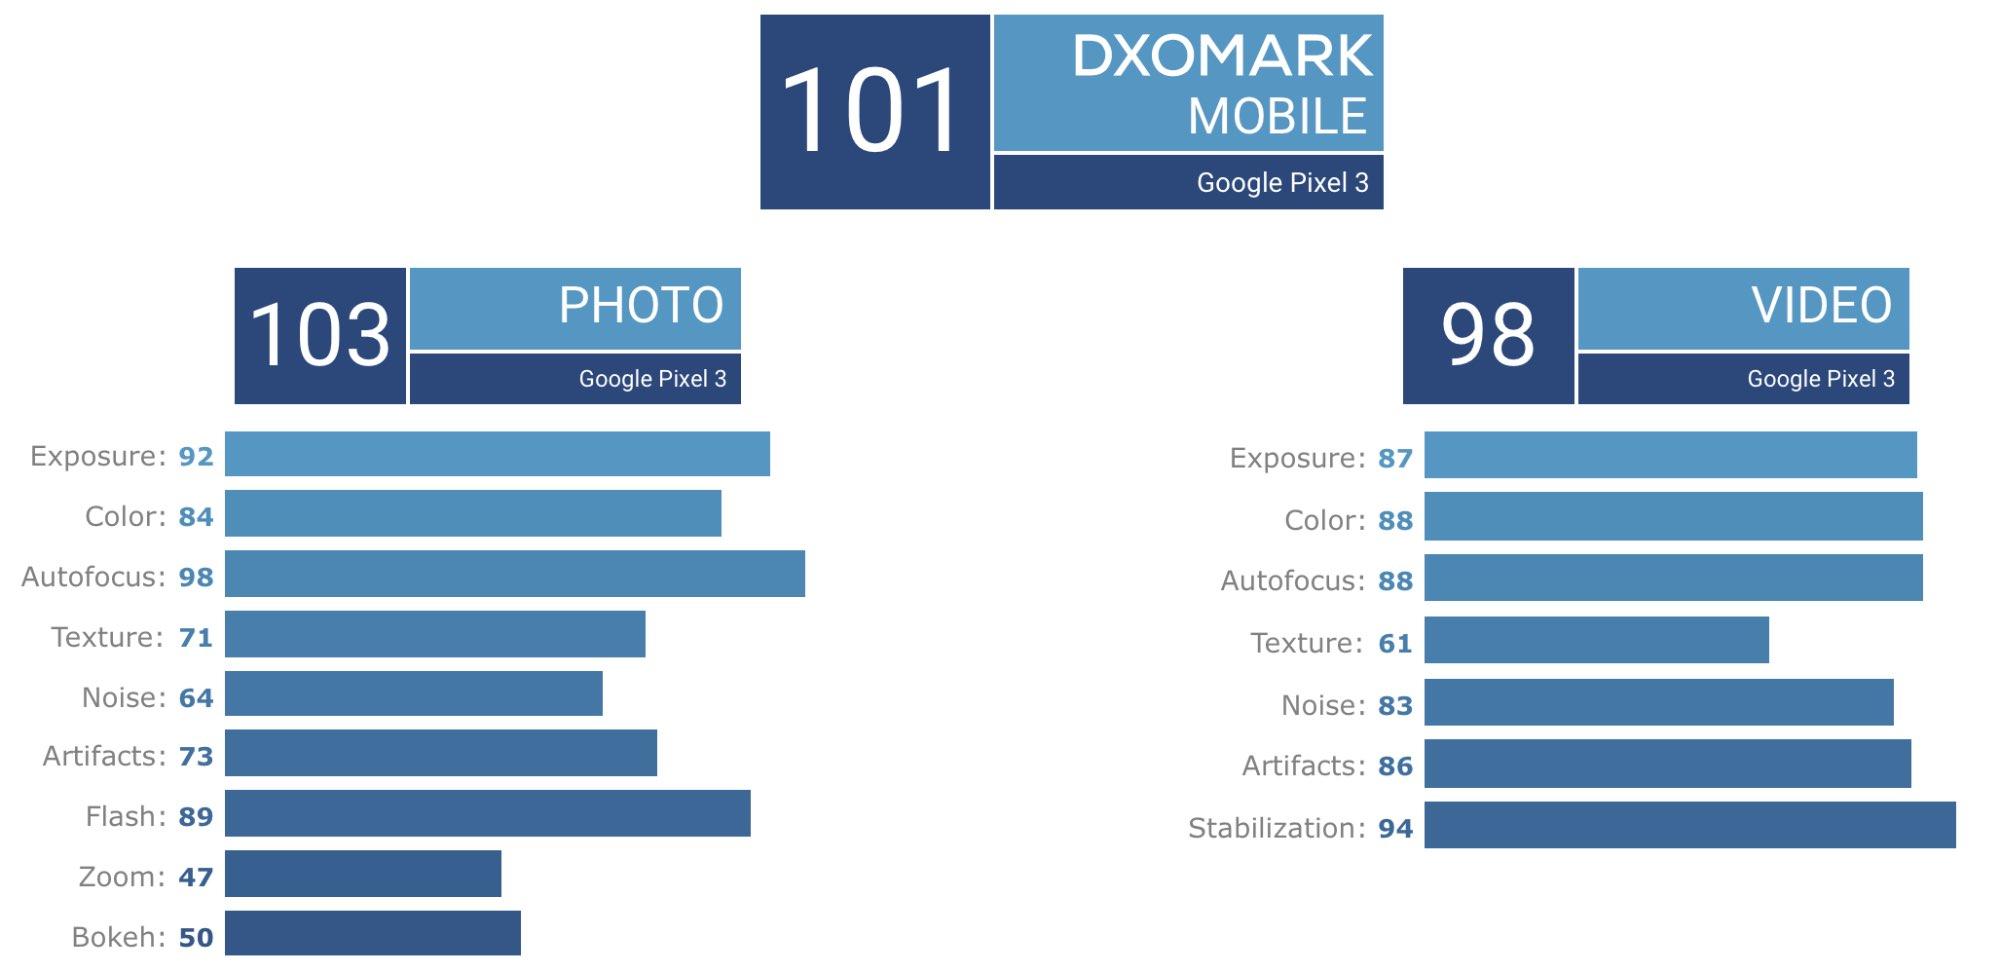 Google Pixel 3 визнано найкращим однокамерним смартфоном у тесті DxOMark